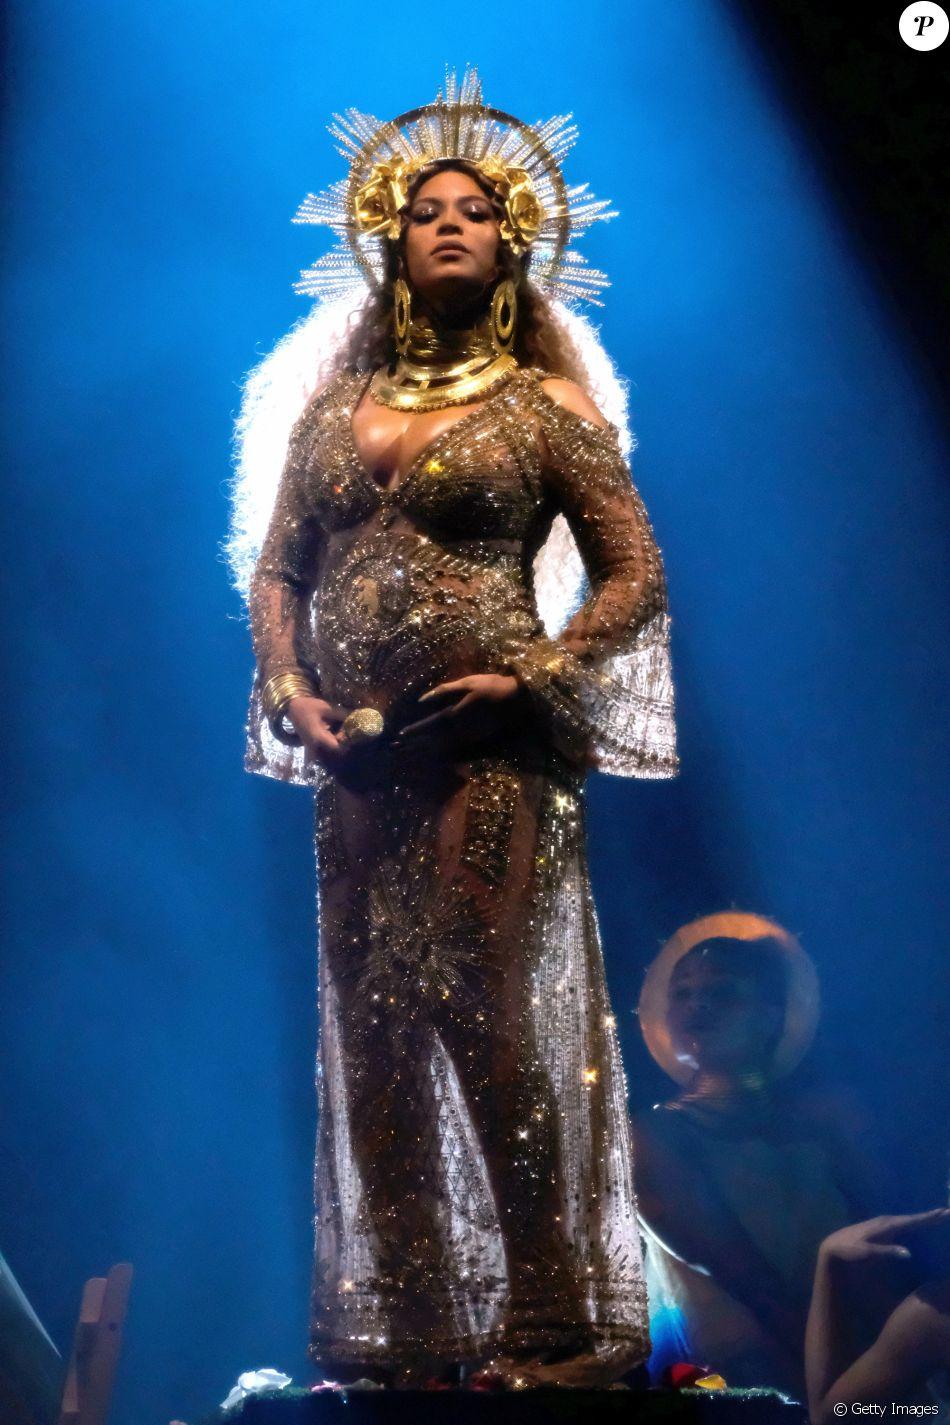 Beyoncé se apresentou pela primeira vez após anunciar a gravidez no palco do Grammy 2017, evento queaconteceu no Staples Center, em Los Angeles, nos Estados Unidos, neste domingo, 12 de fevereiro de 2017